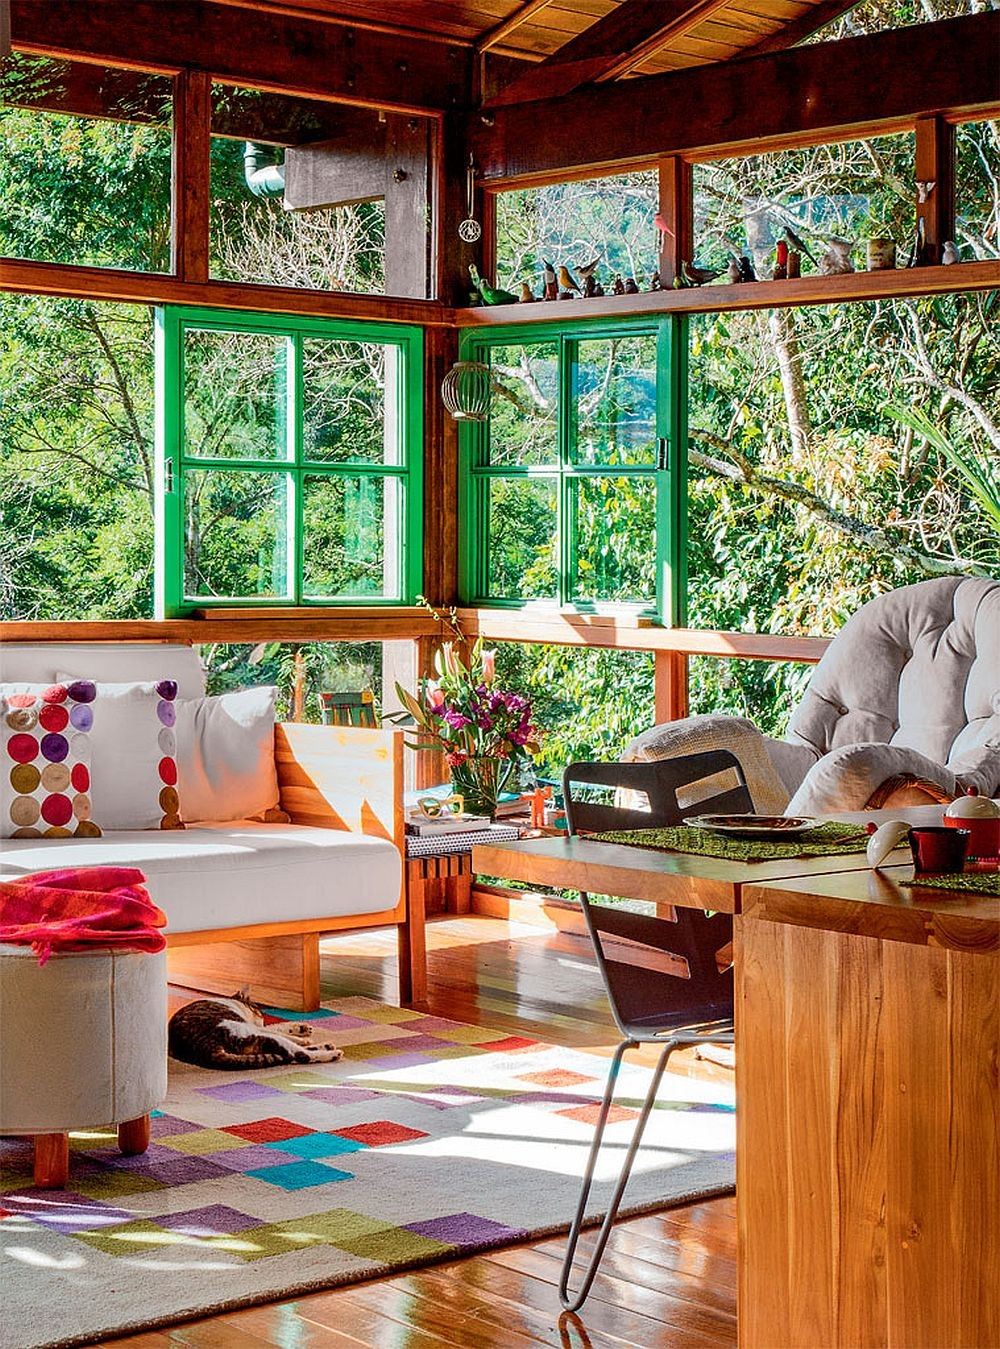 adelaparvu.com despre casa de vacanta cu ferestre turcoaz, casa din prefabricate, arh Sergio Rodiquez (5)